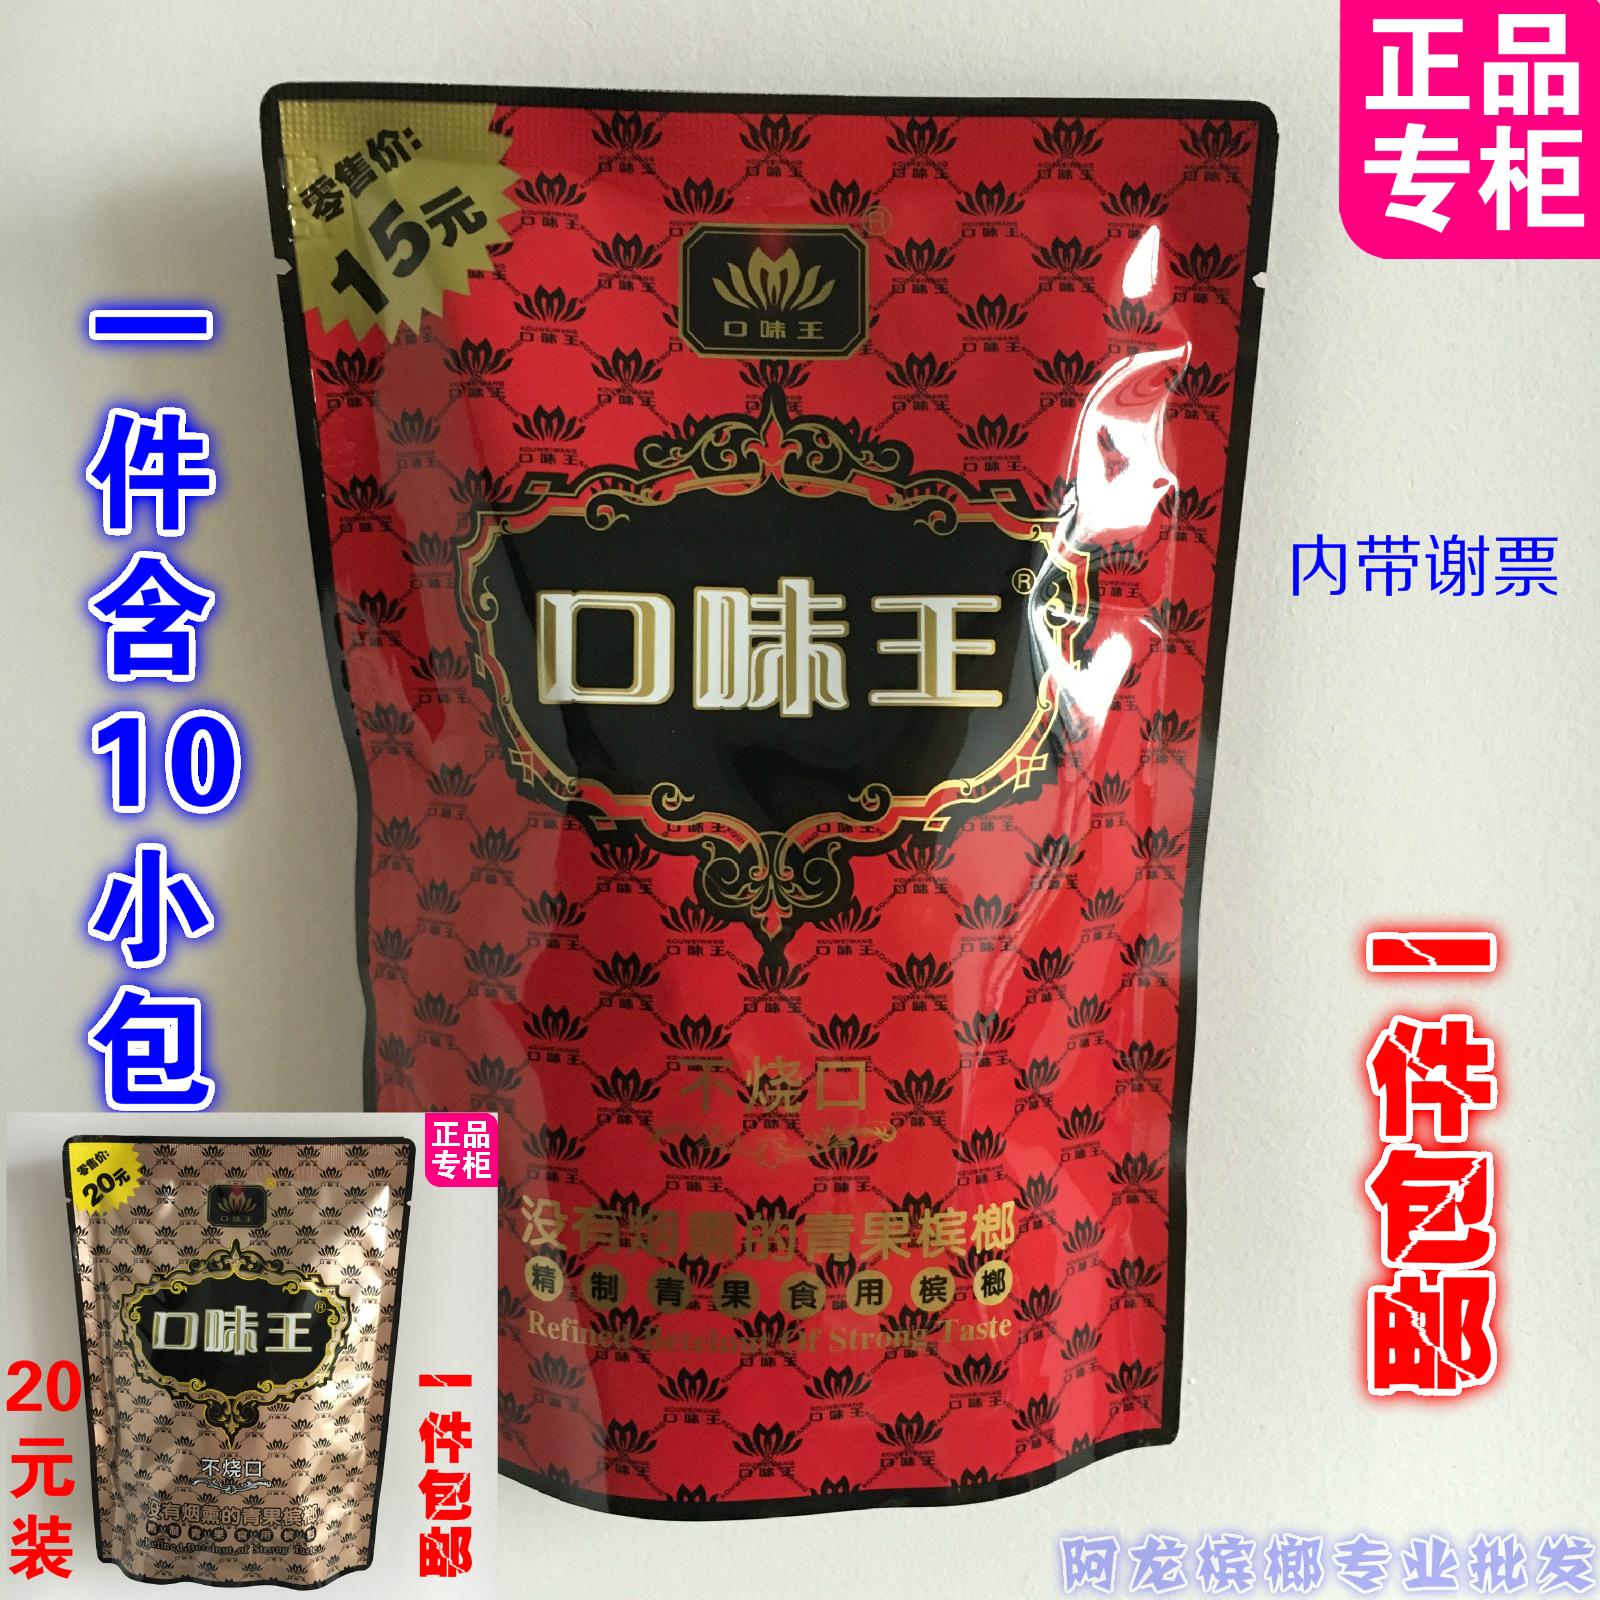 Вкус король сафлоровое 15 юань наряд арековая пальма [榔10] пакет арековая пальма мужчина 20 золотой яркий порт сжигать рот фрукты жир брат гость разброс семена